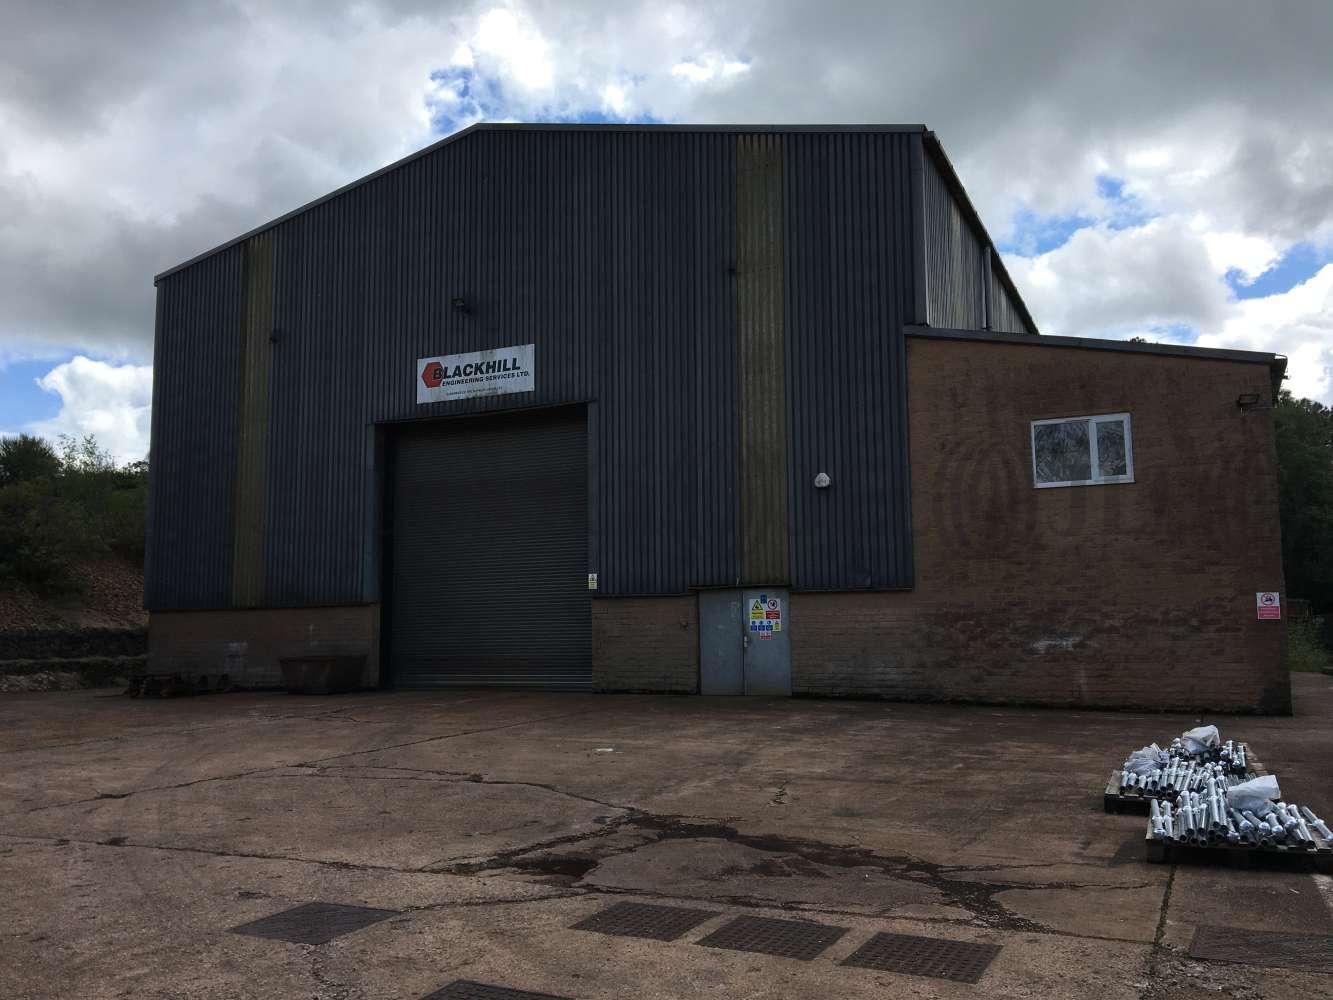 Industrial Exeter, woodbury, EX5 1JL - Blackhill Engineering